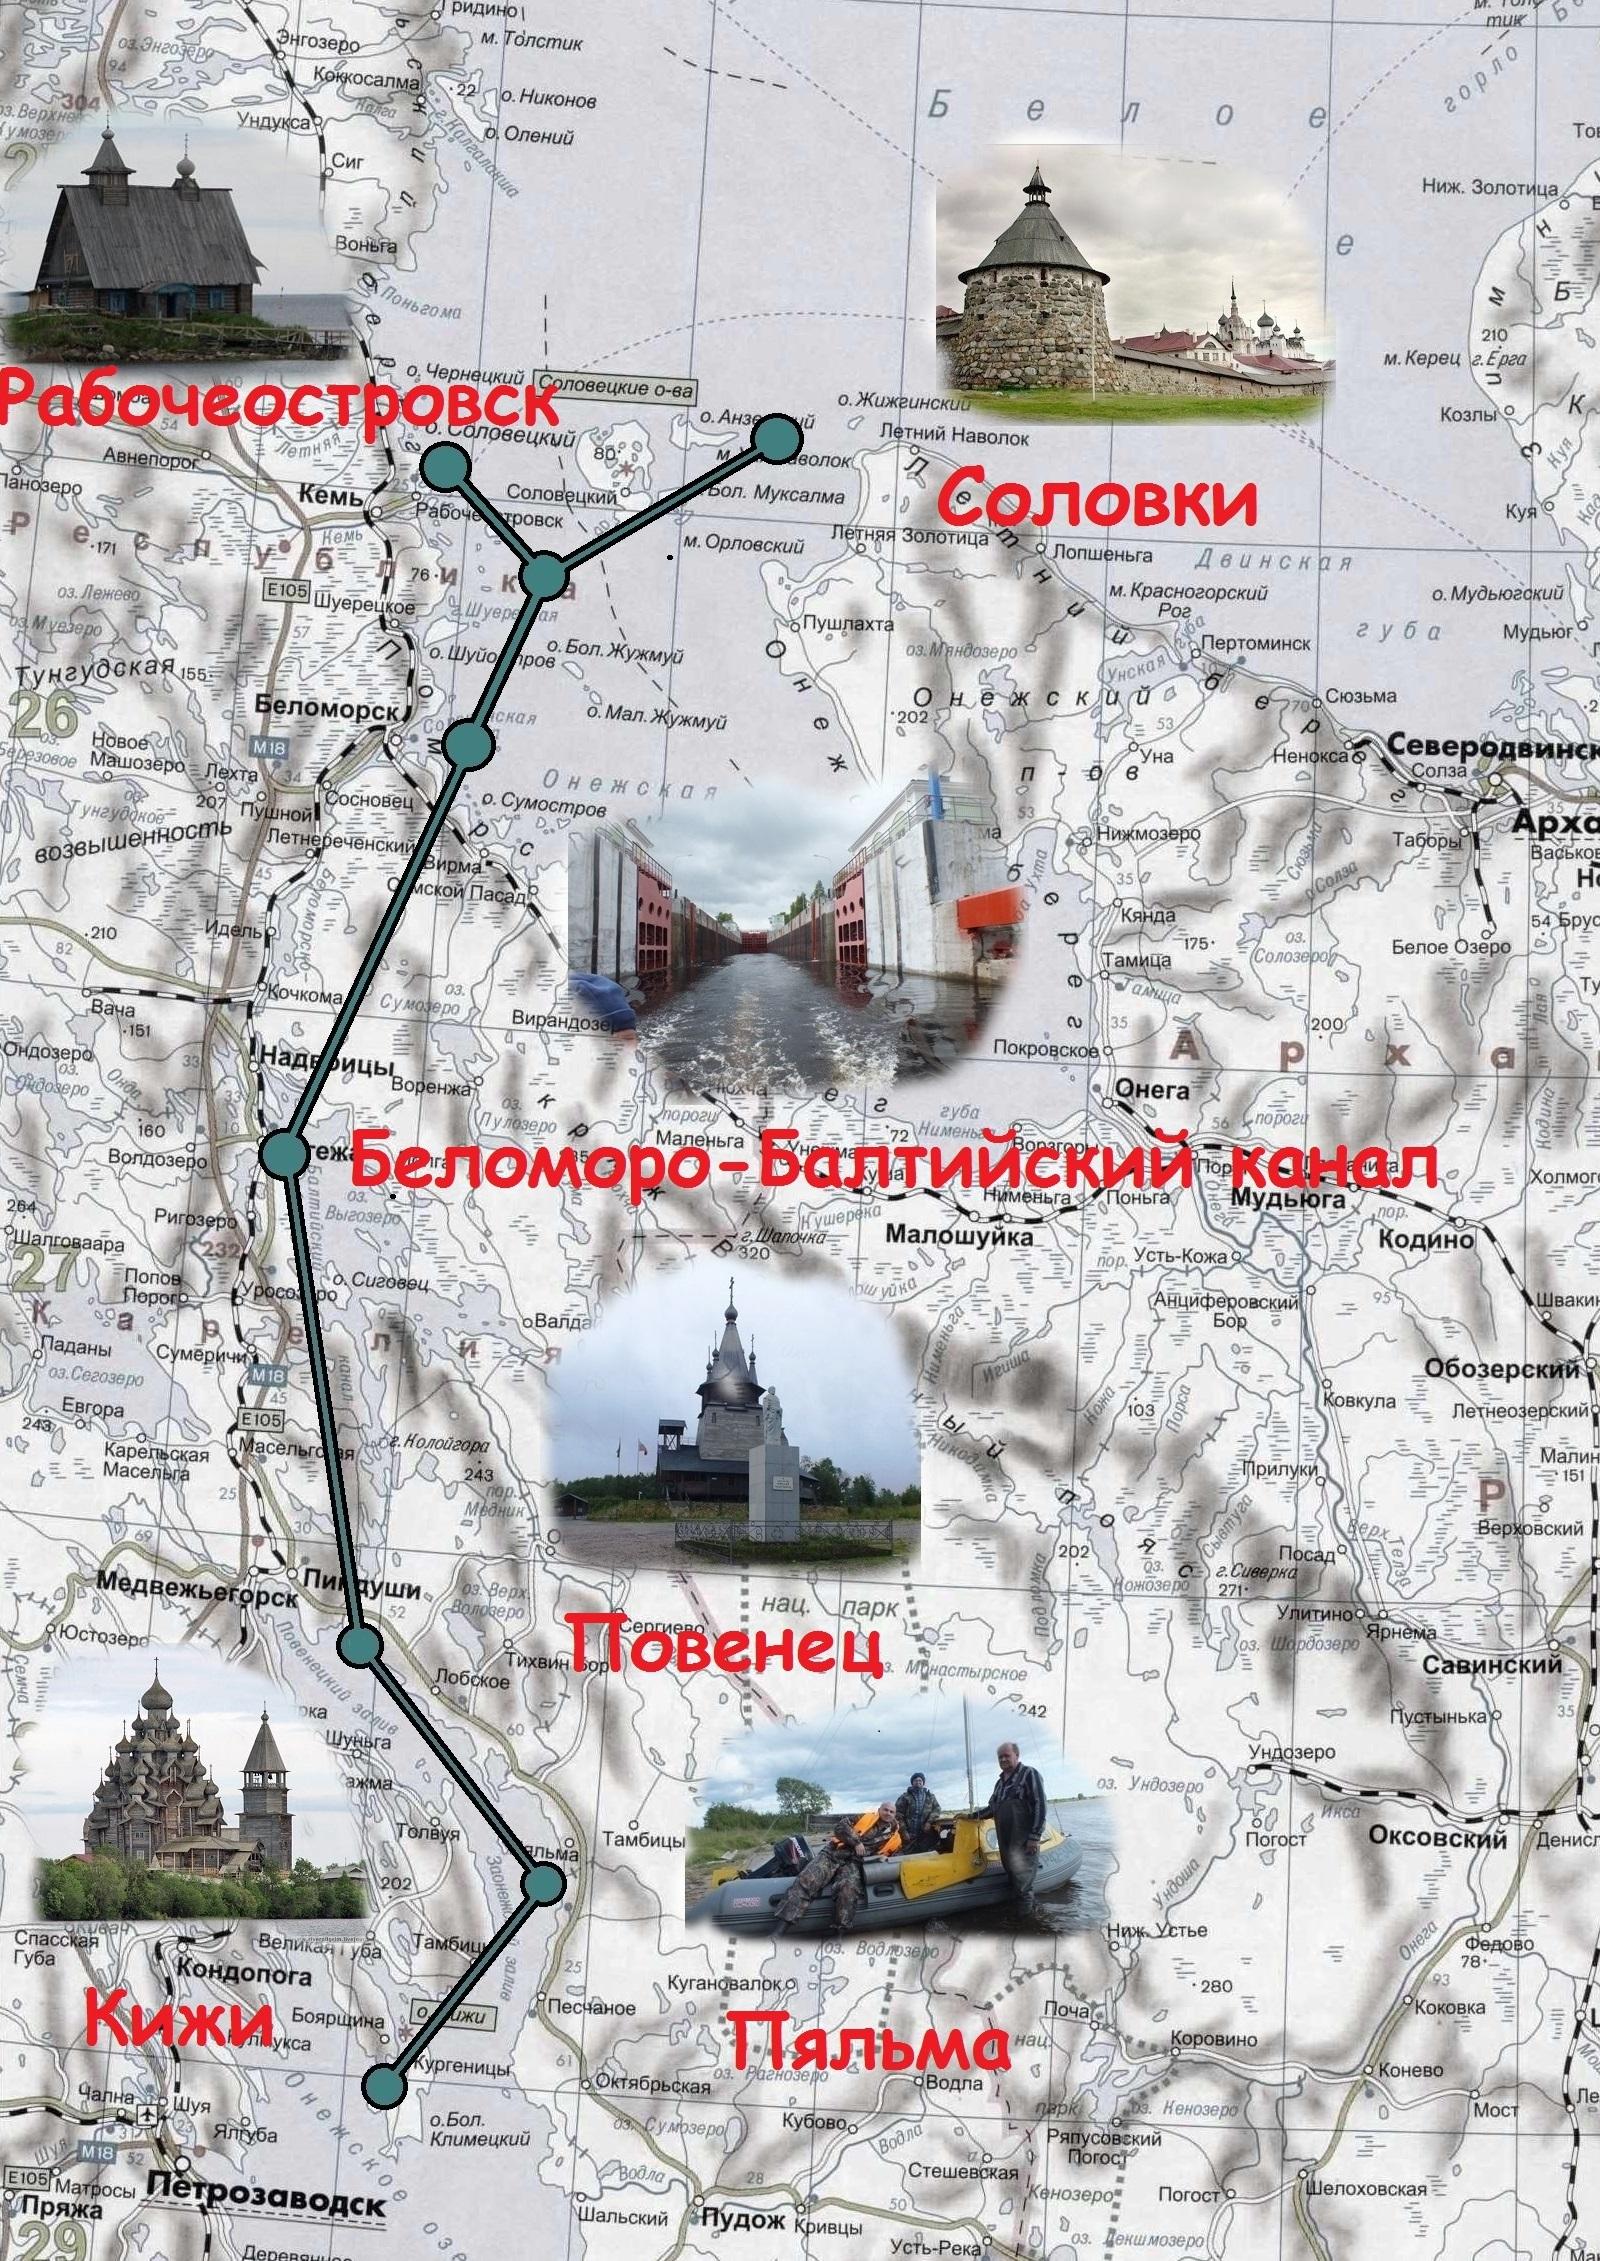 Маршрут путешествия - Онего - Беломорканал - Белое море-